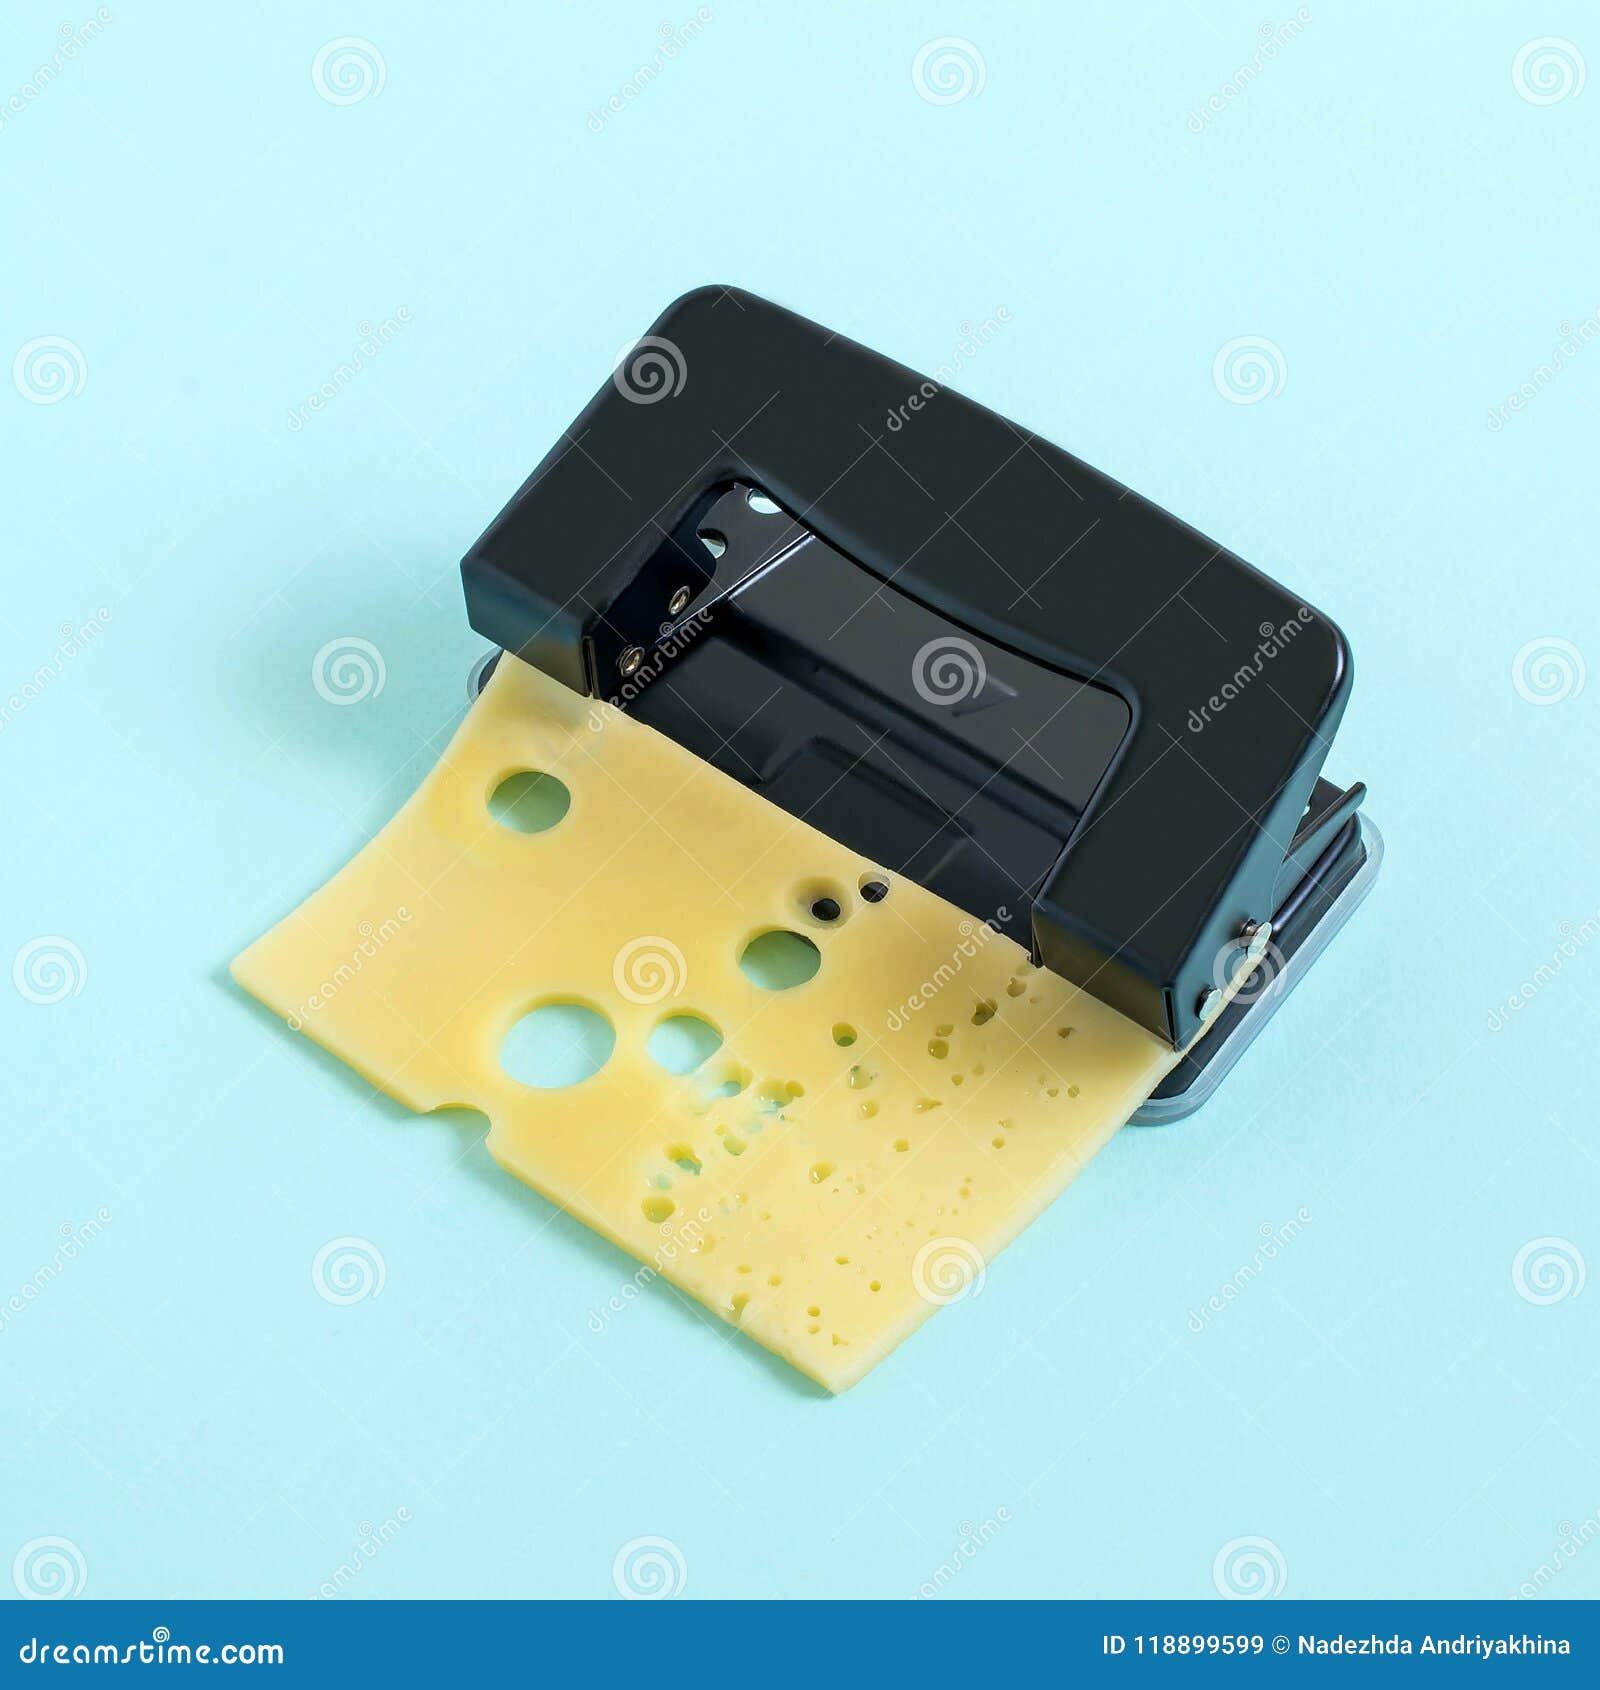 创造性的想法:在乳酪的穿孔使用拳打